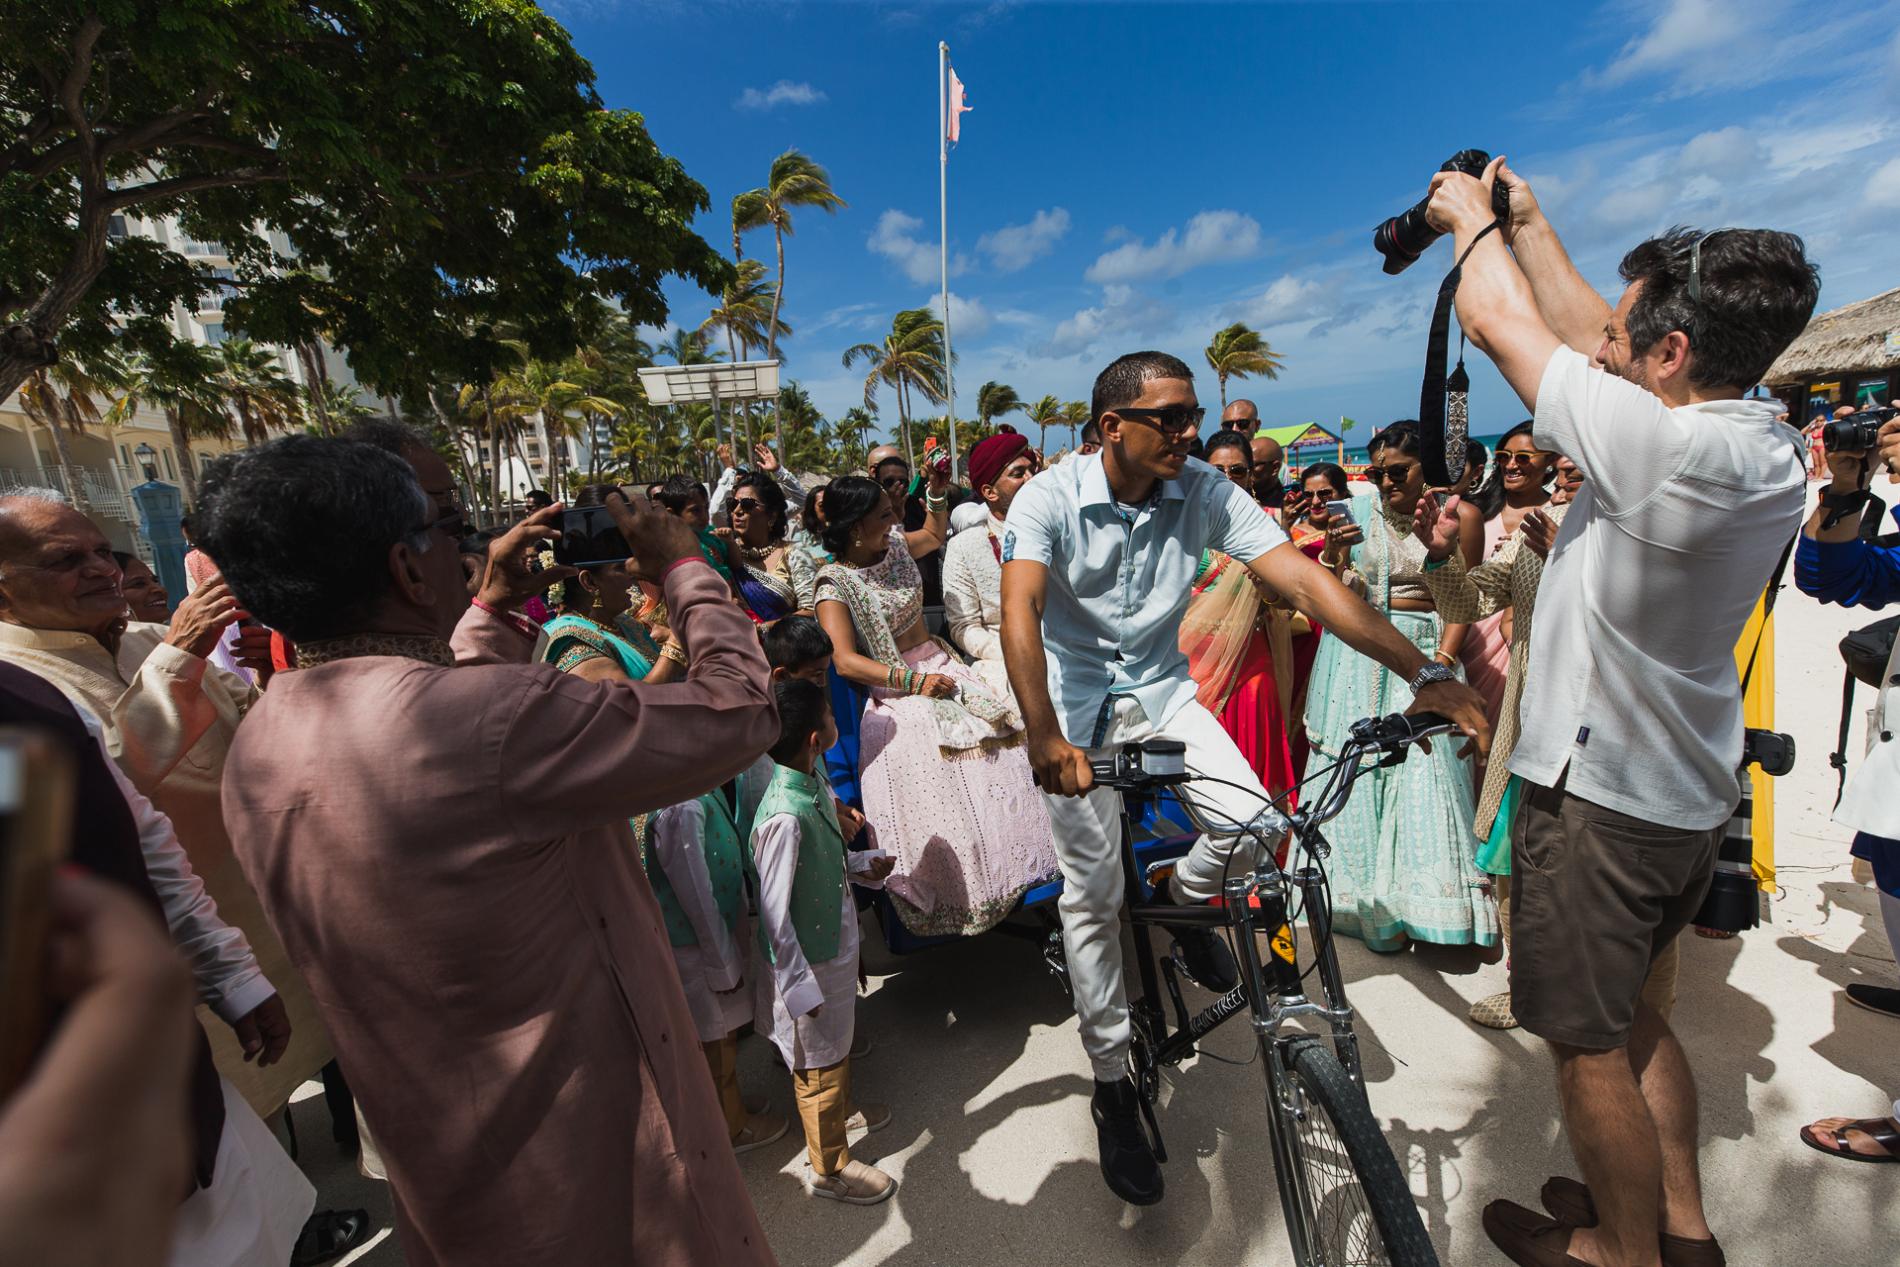 San Francisco Hochzeit Fotojournalist Drew Bird. Indische hinduistische Zielhochzeit in Aruba